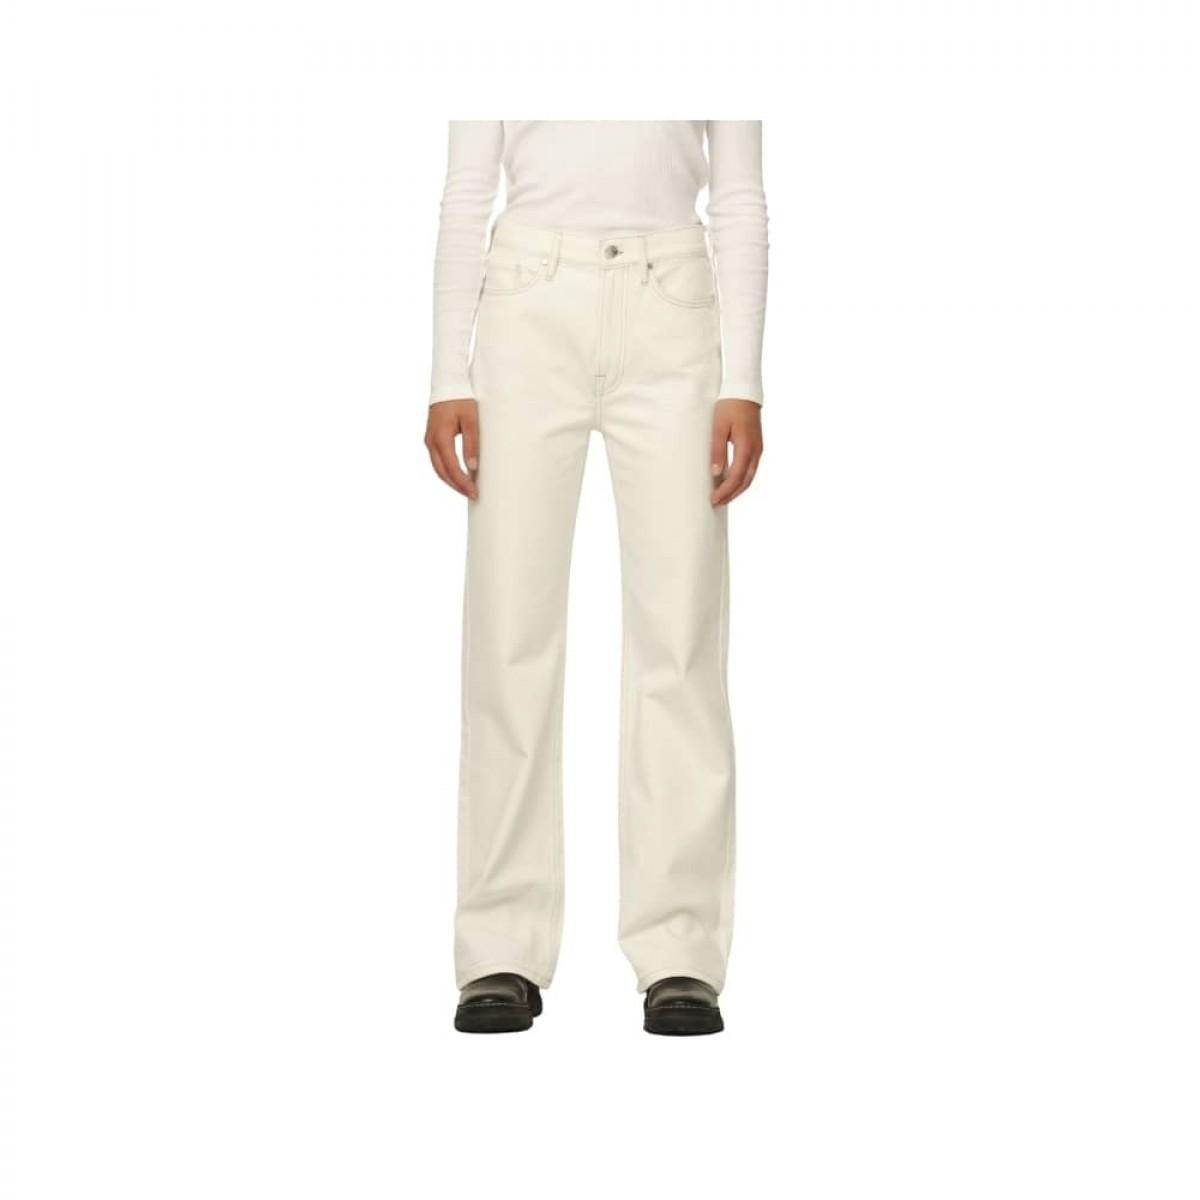 brown straight jeans - ecru - model lomme detalje